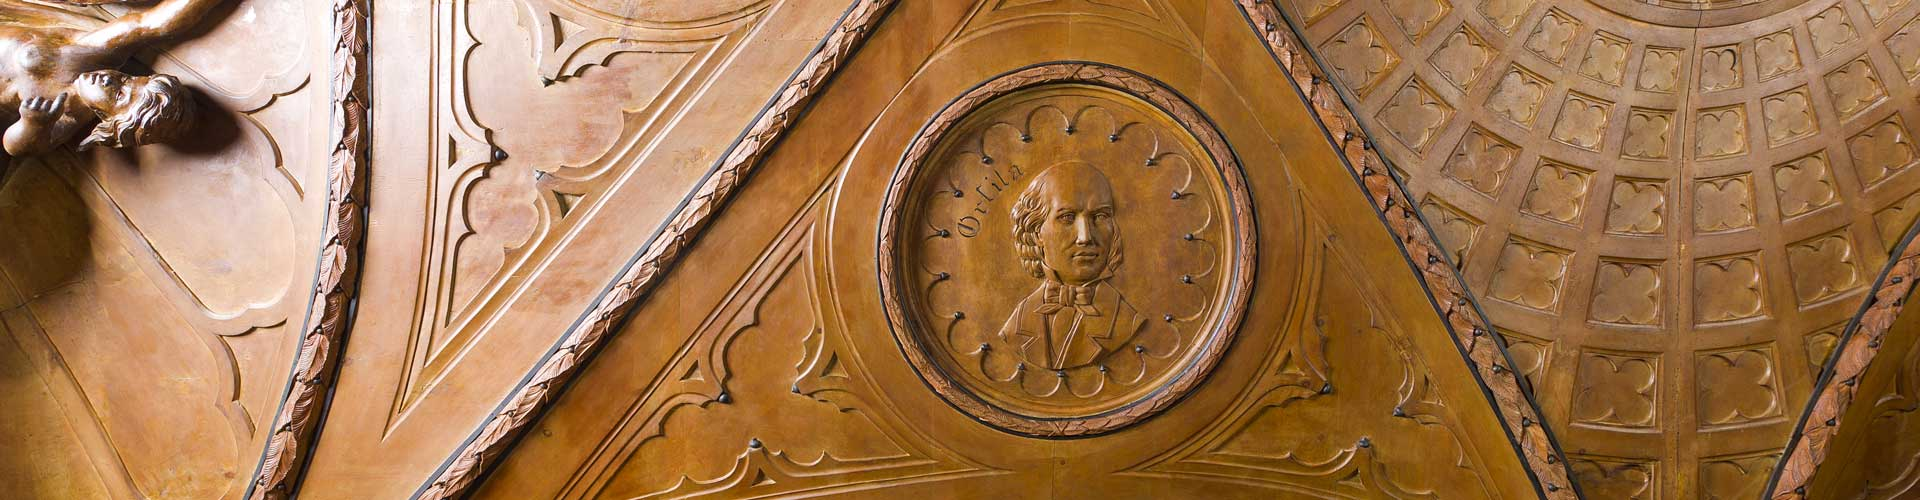 Sculture in legno e bassorilievi in legno di ritratti di scienziati nel Museo Farmacia Mazzolini Giuseppucci a Fabriano